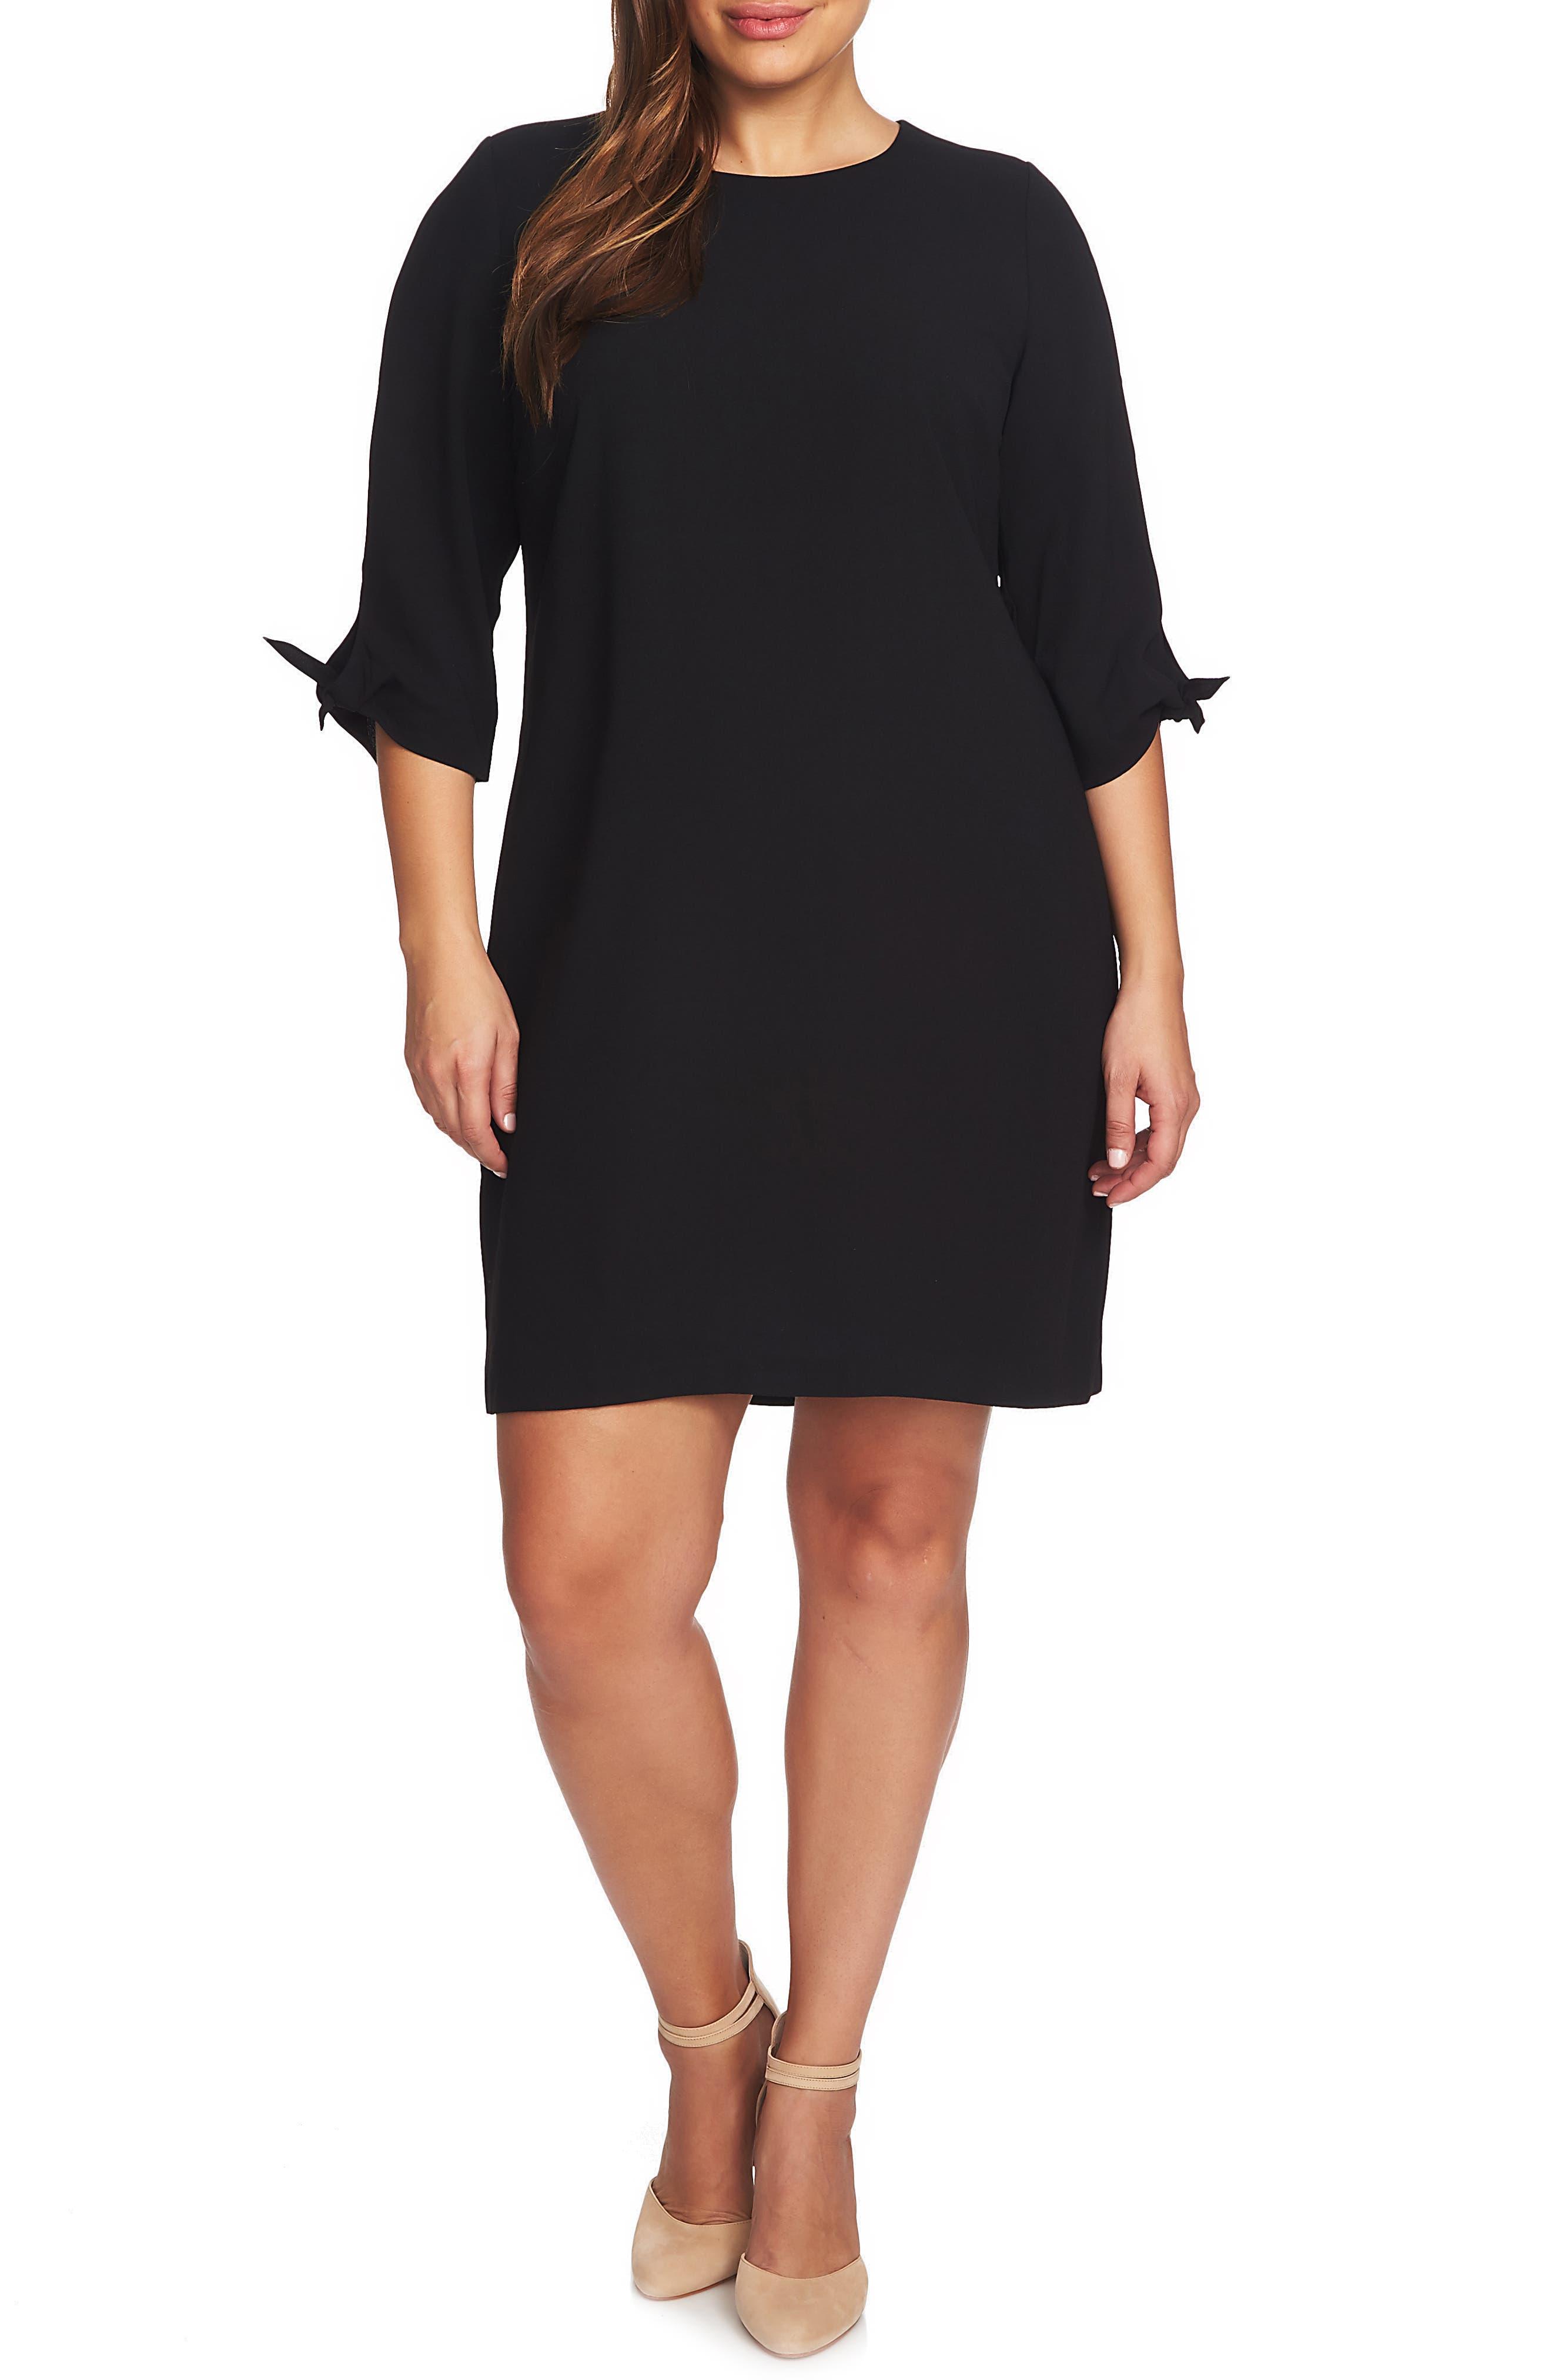 60s 70s Plus Size Dresses, Clothing, Costumes Plus Size Womens Cece Tie Sleeve Shift Dress Size 20W - Black $129.00 AT vintagedancer.com